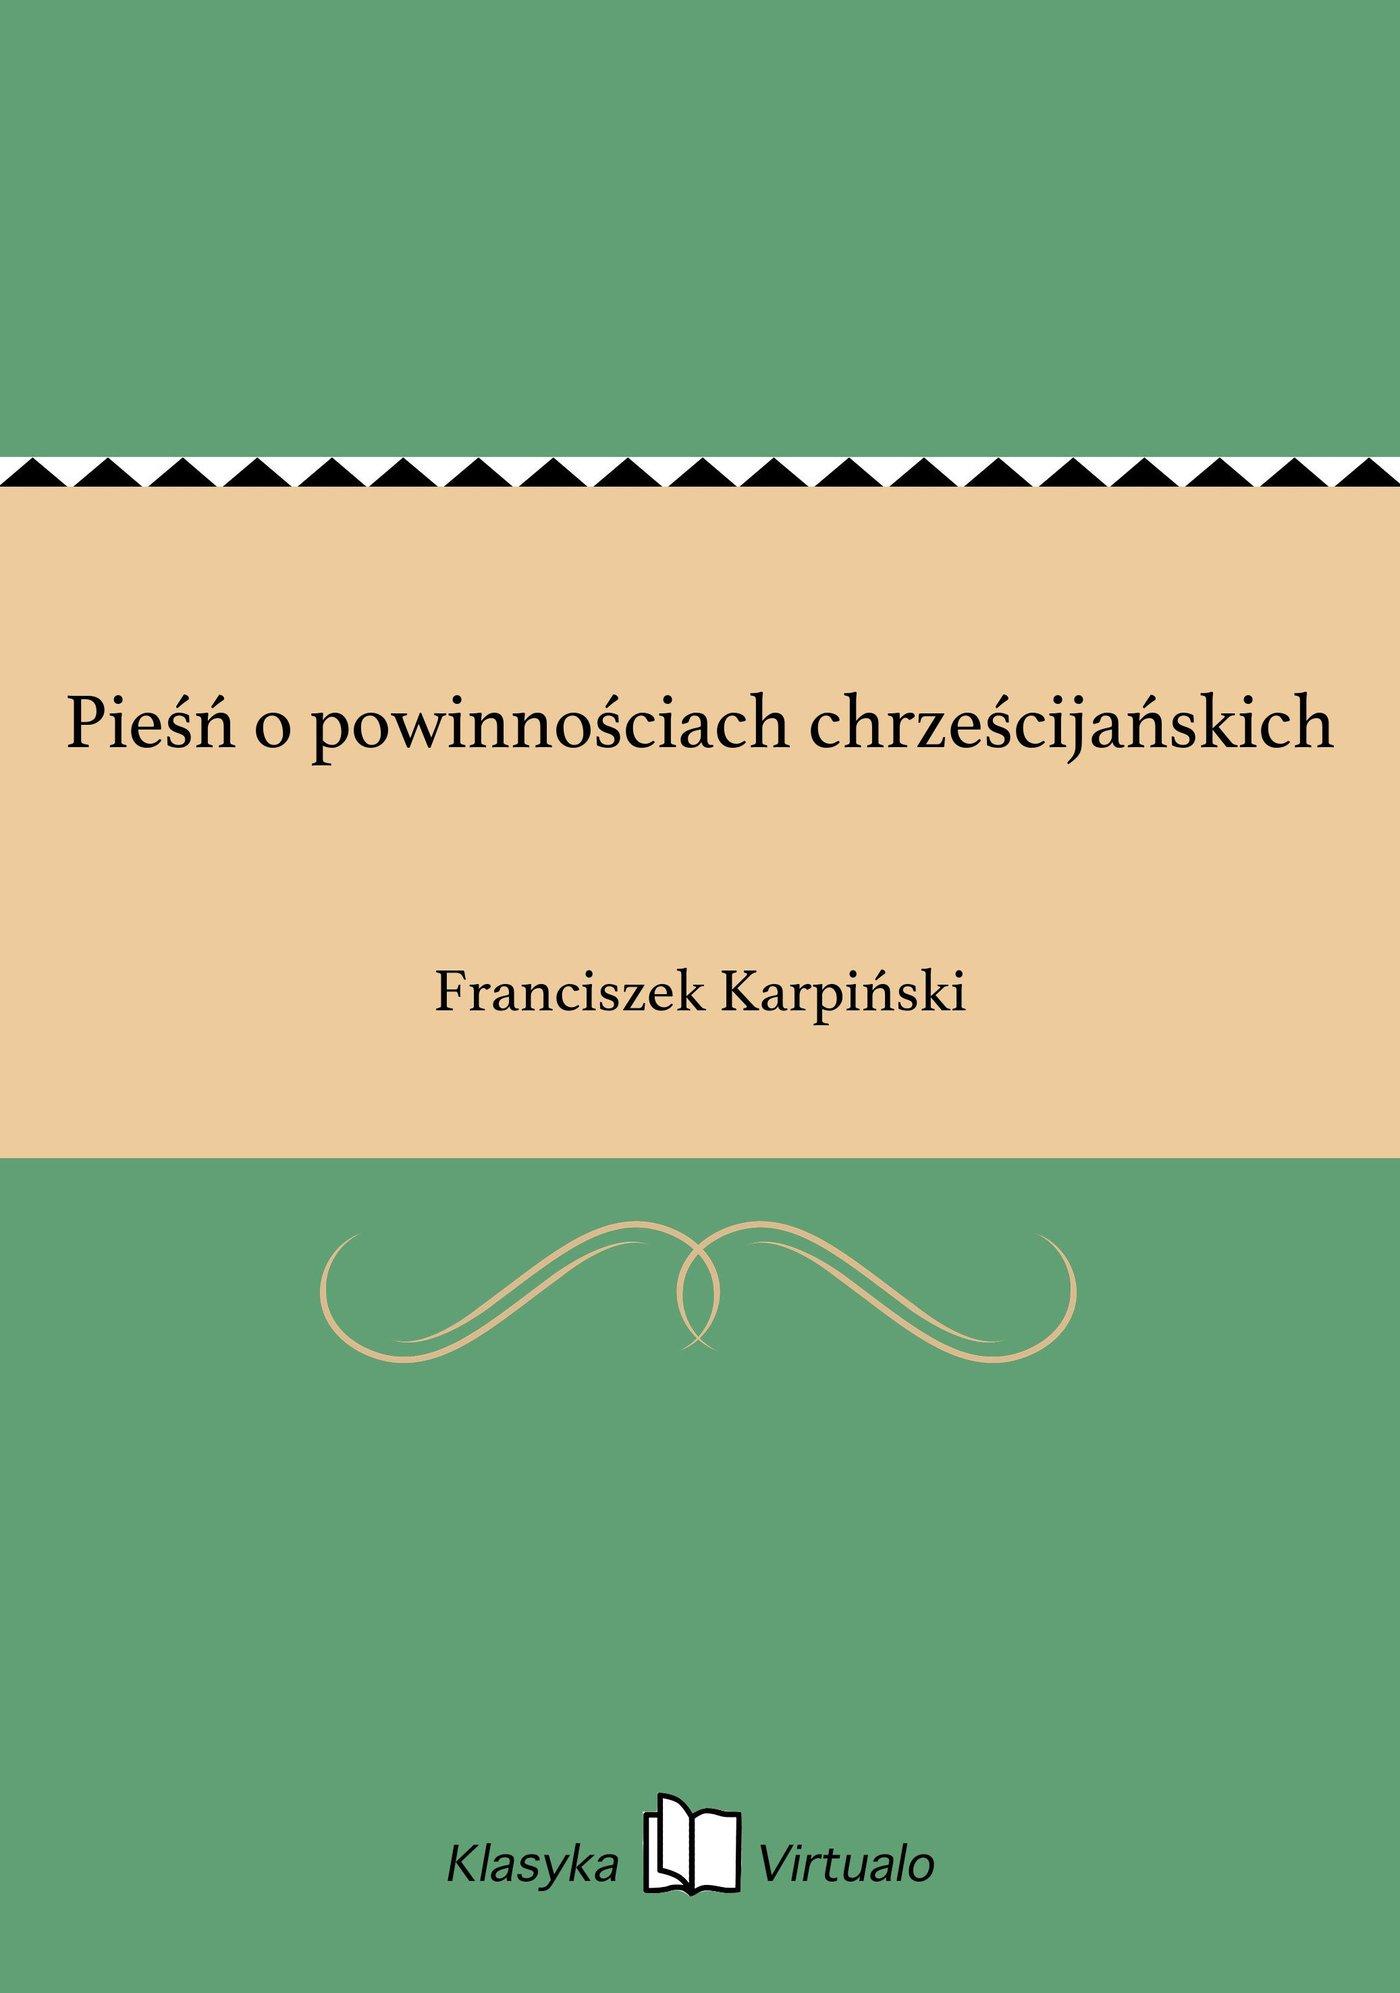 Pieśń o powinnościach chrześcijańskich - Ebook (Książka EPUB) do pobrania w formacie EPUB